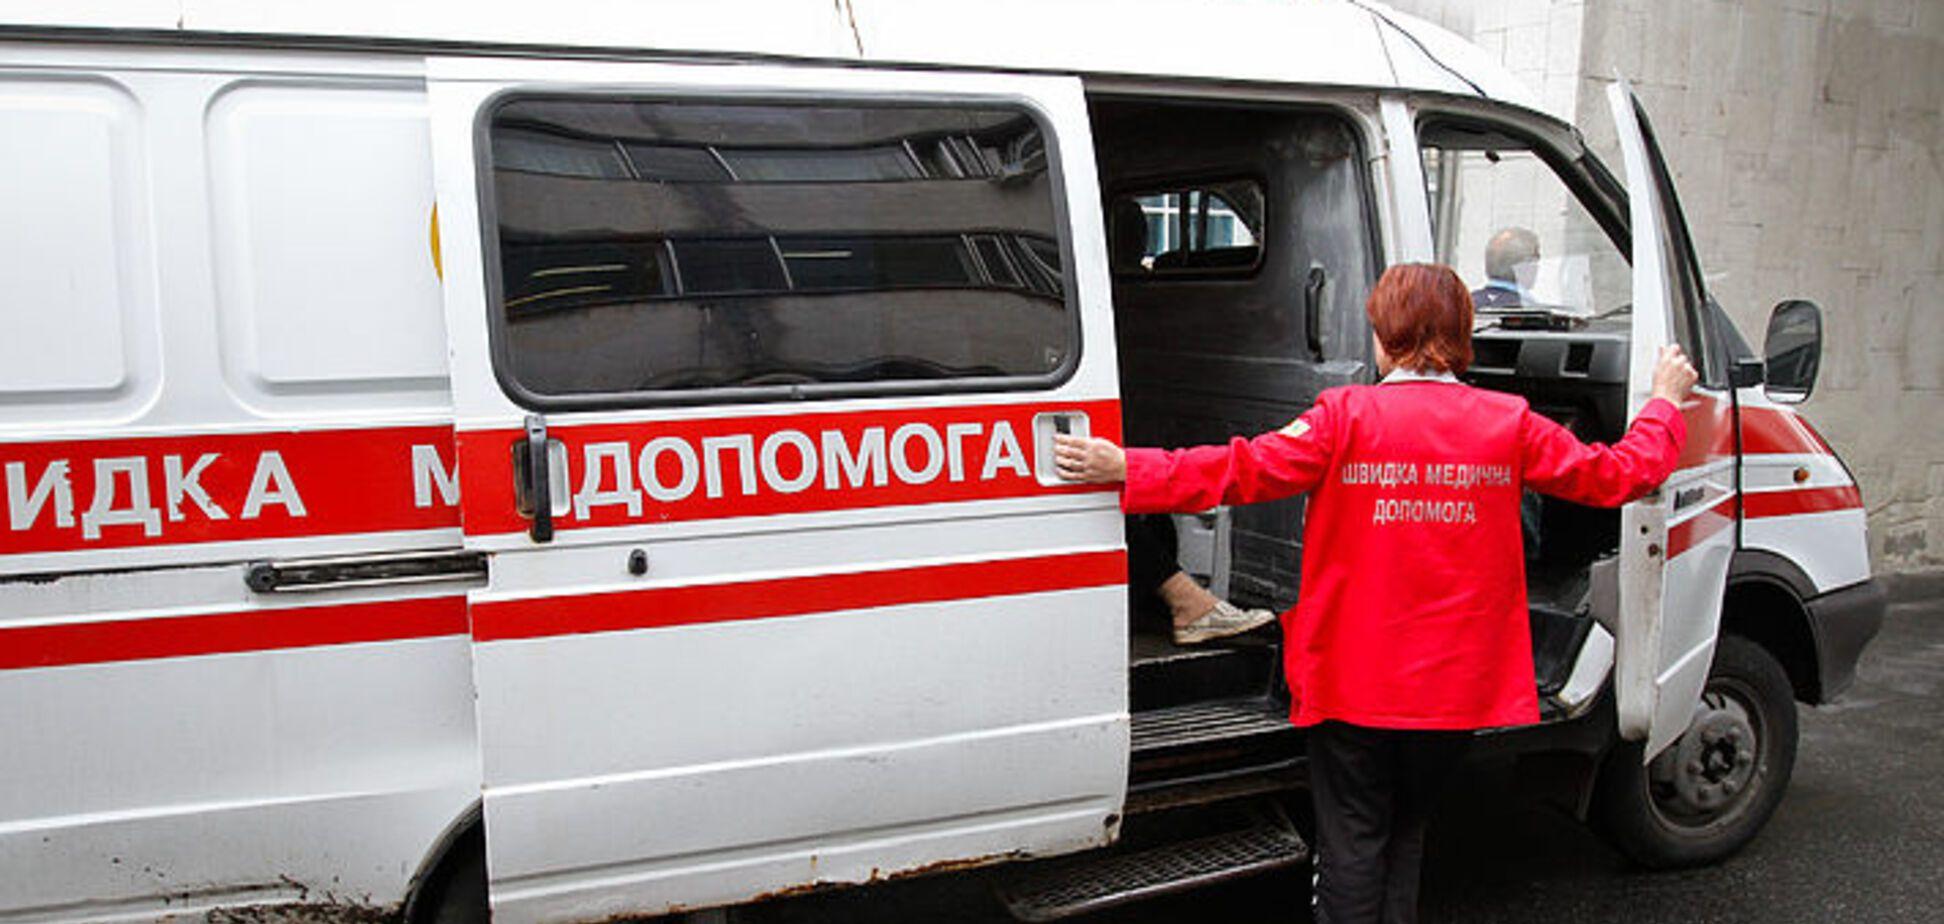 Весь в черном и с питбулем: в Киеве совершили жестокое нападение на мужчину